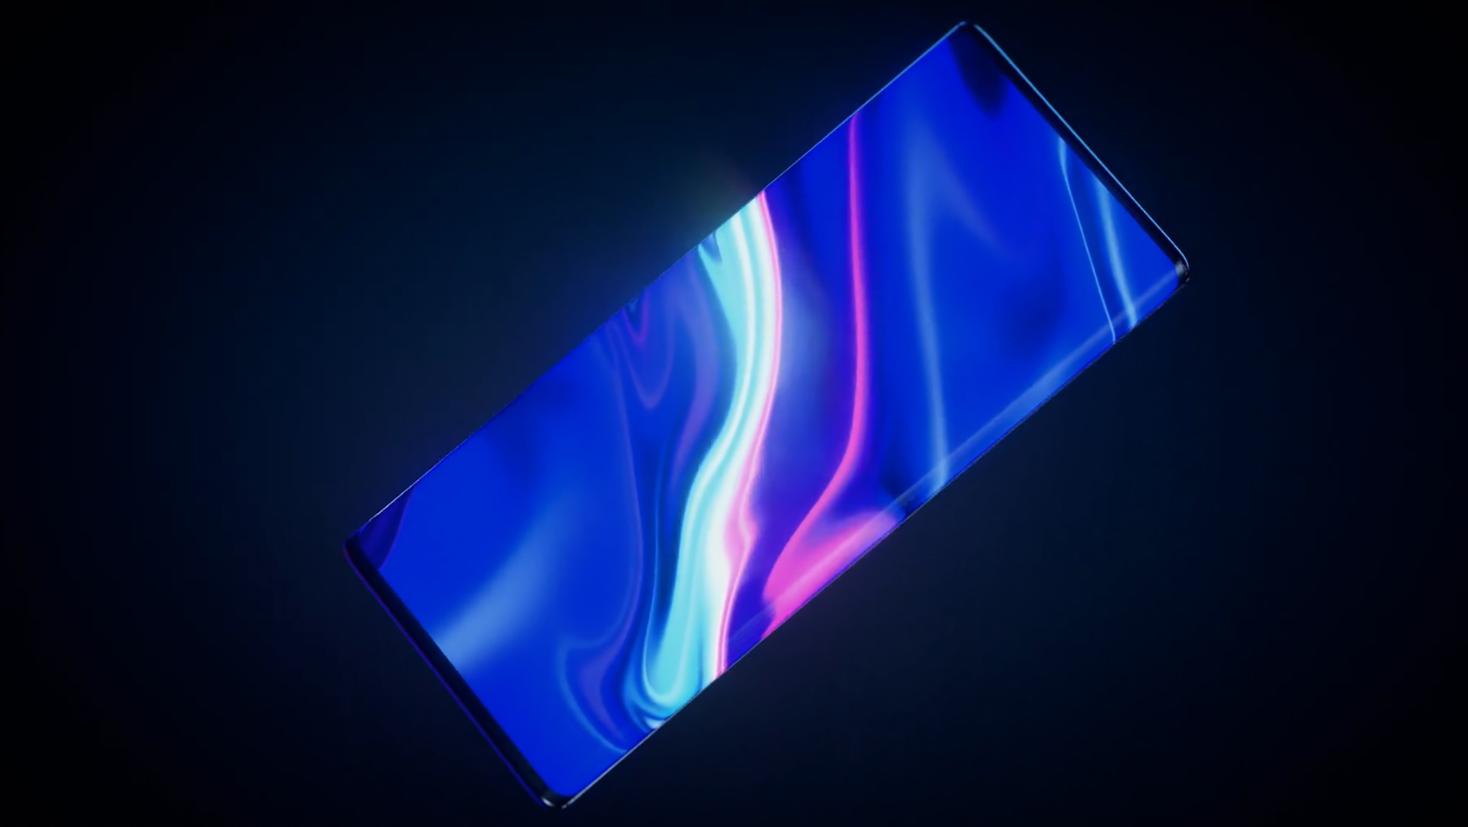 vivo-apex-2020-el-primer-telefono-del-mundo-con-camara-bajo-la-pantalla-sin-puertos-ni-botones